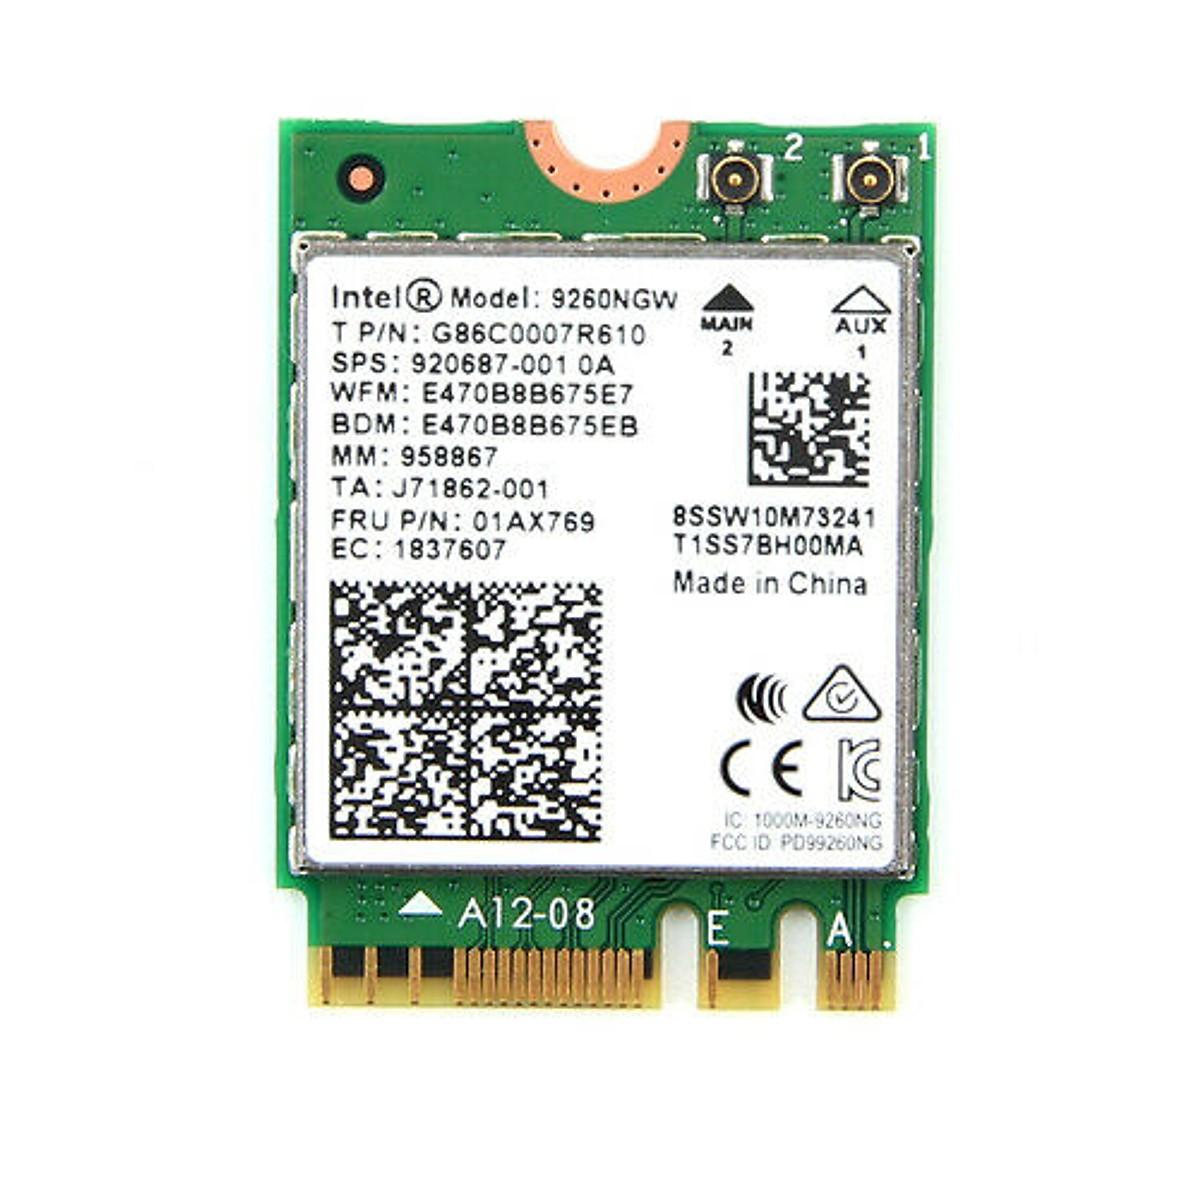 Bộ card WIFI Bluetooth Intel AC-9260 5Ghz tốc độ 1730M và Bluetooth 5.0 cho máy bàn - Công nghệ MU MIMO - Hàng nhập khẩu